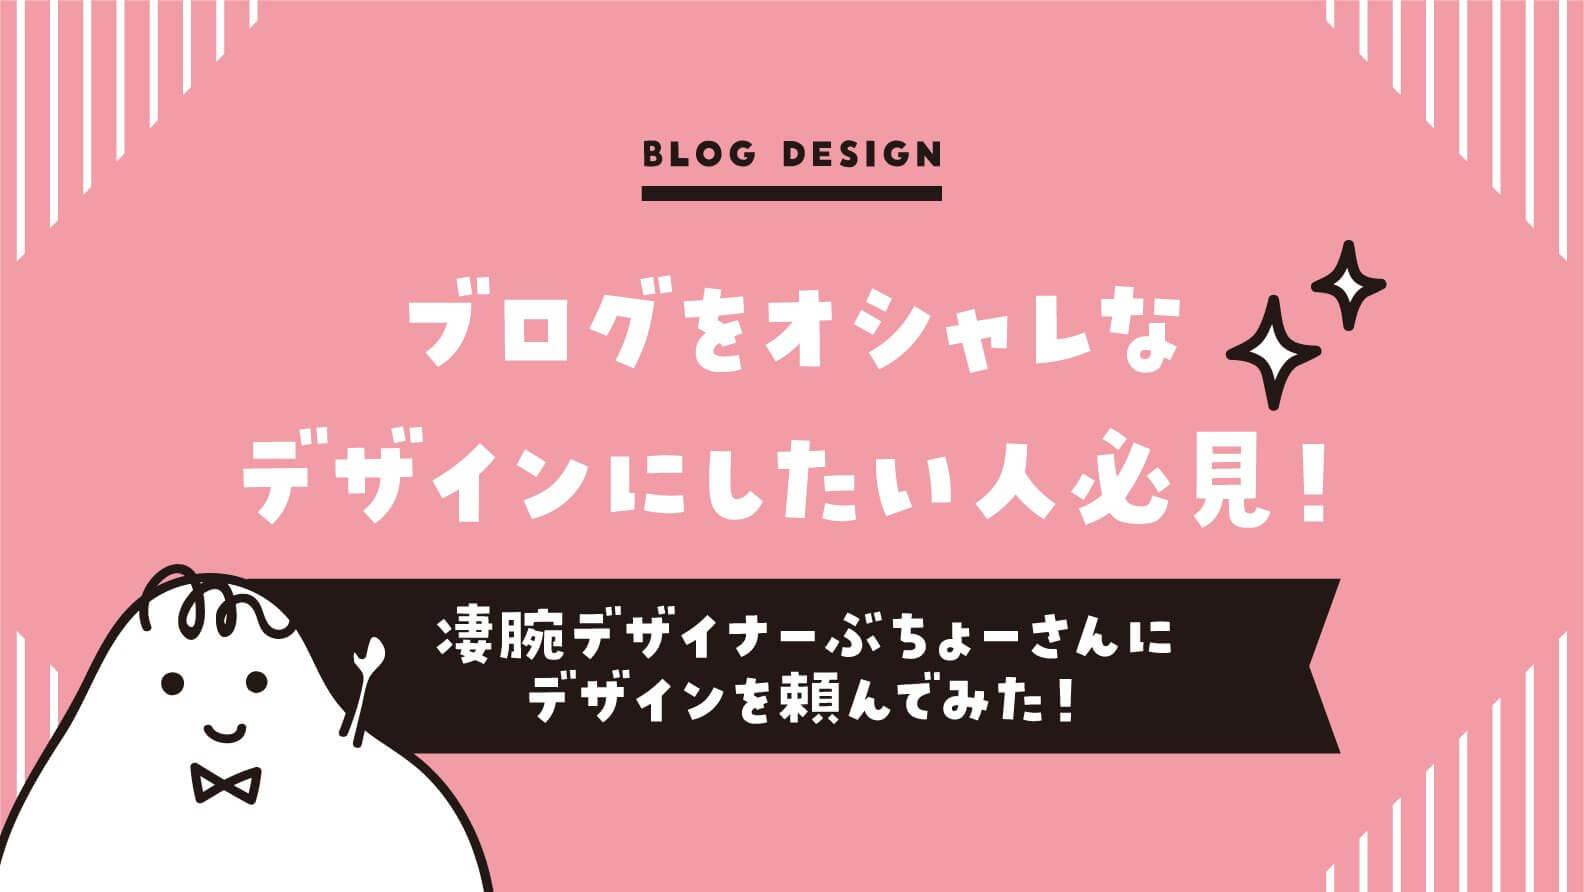 ブログデザイナーぶちょーさんアイキャッチ